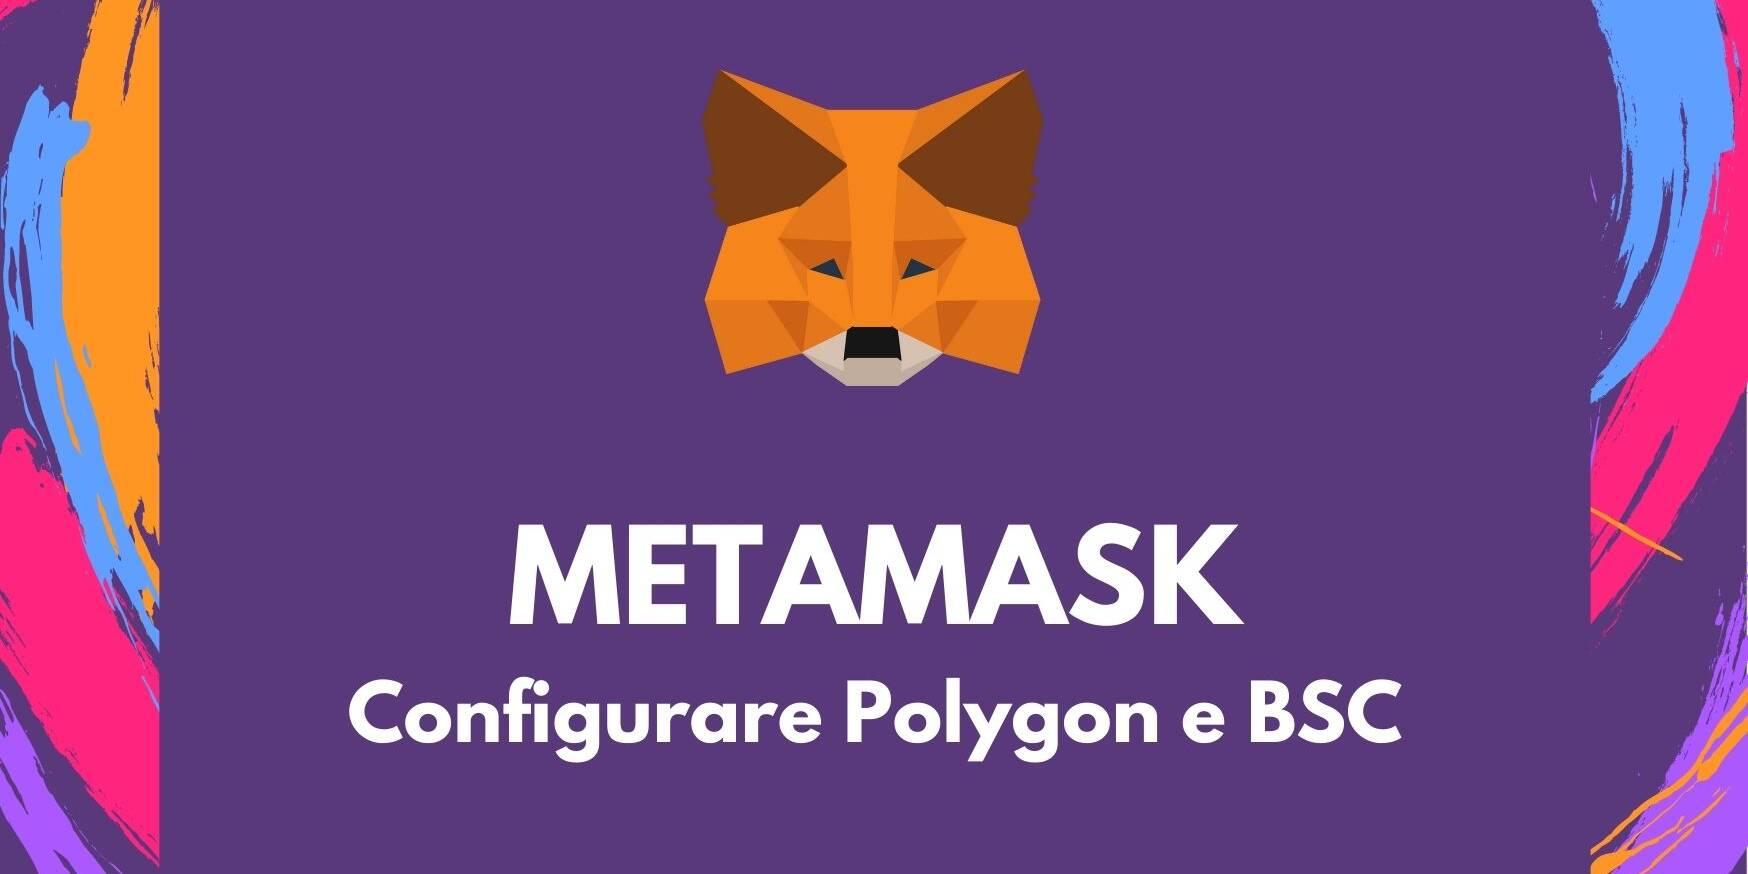 METAMASK configurare Polygon e BSC